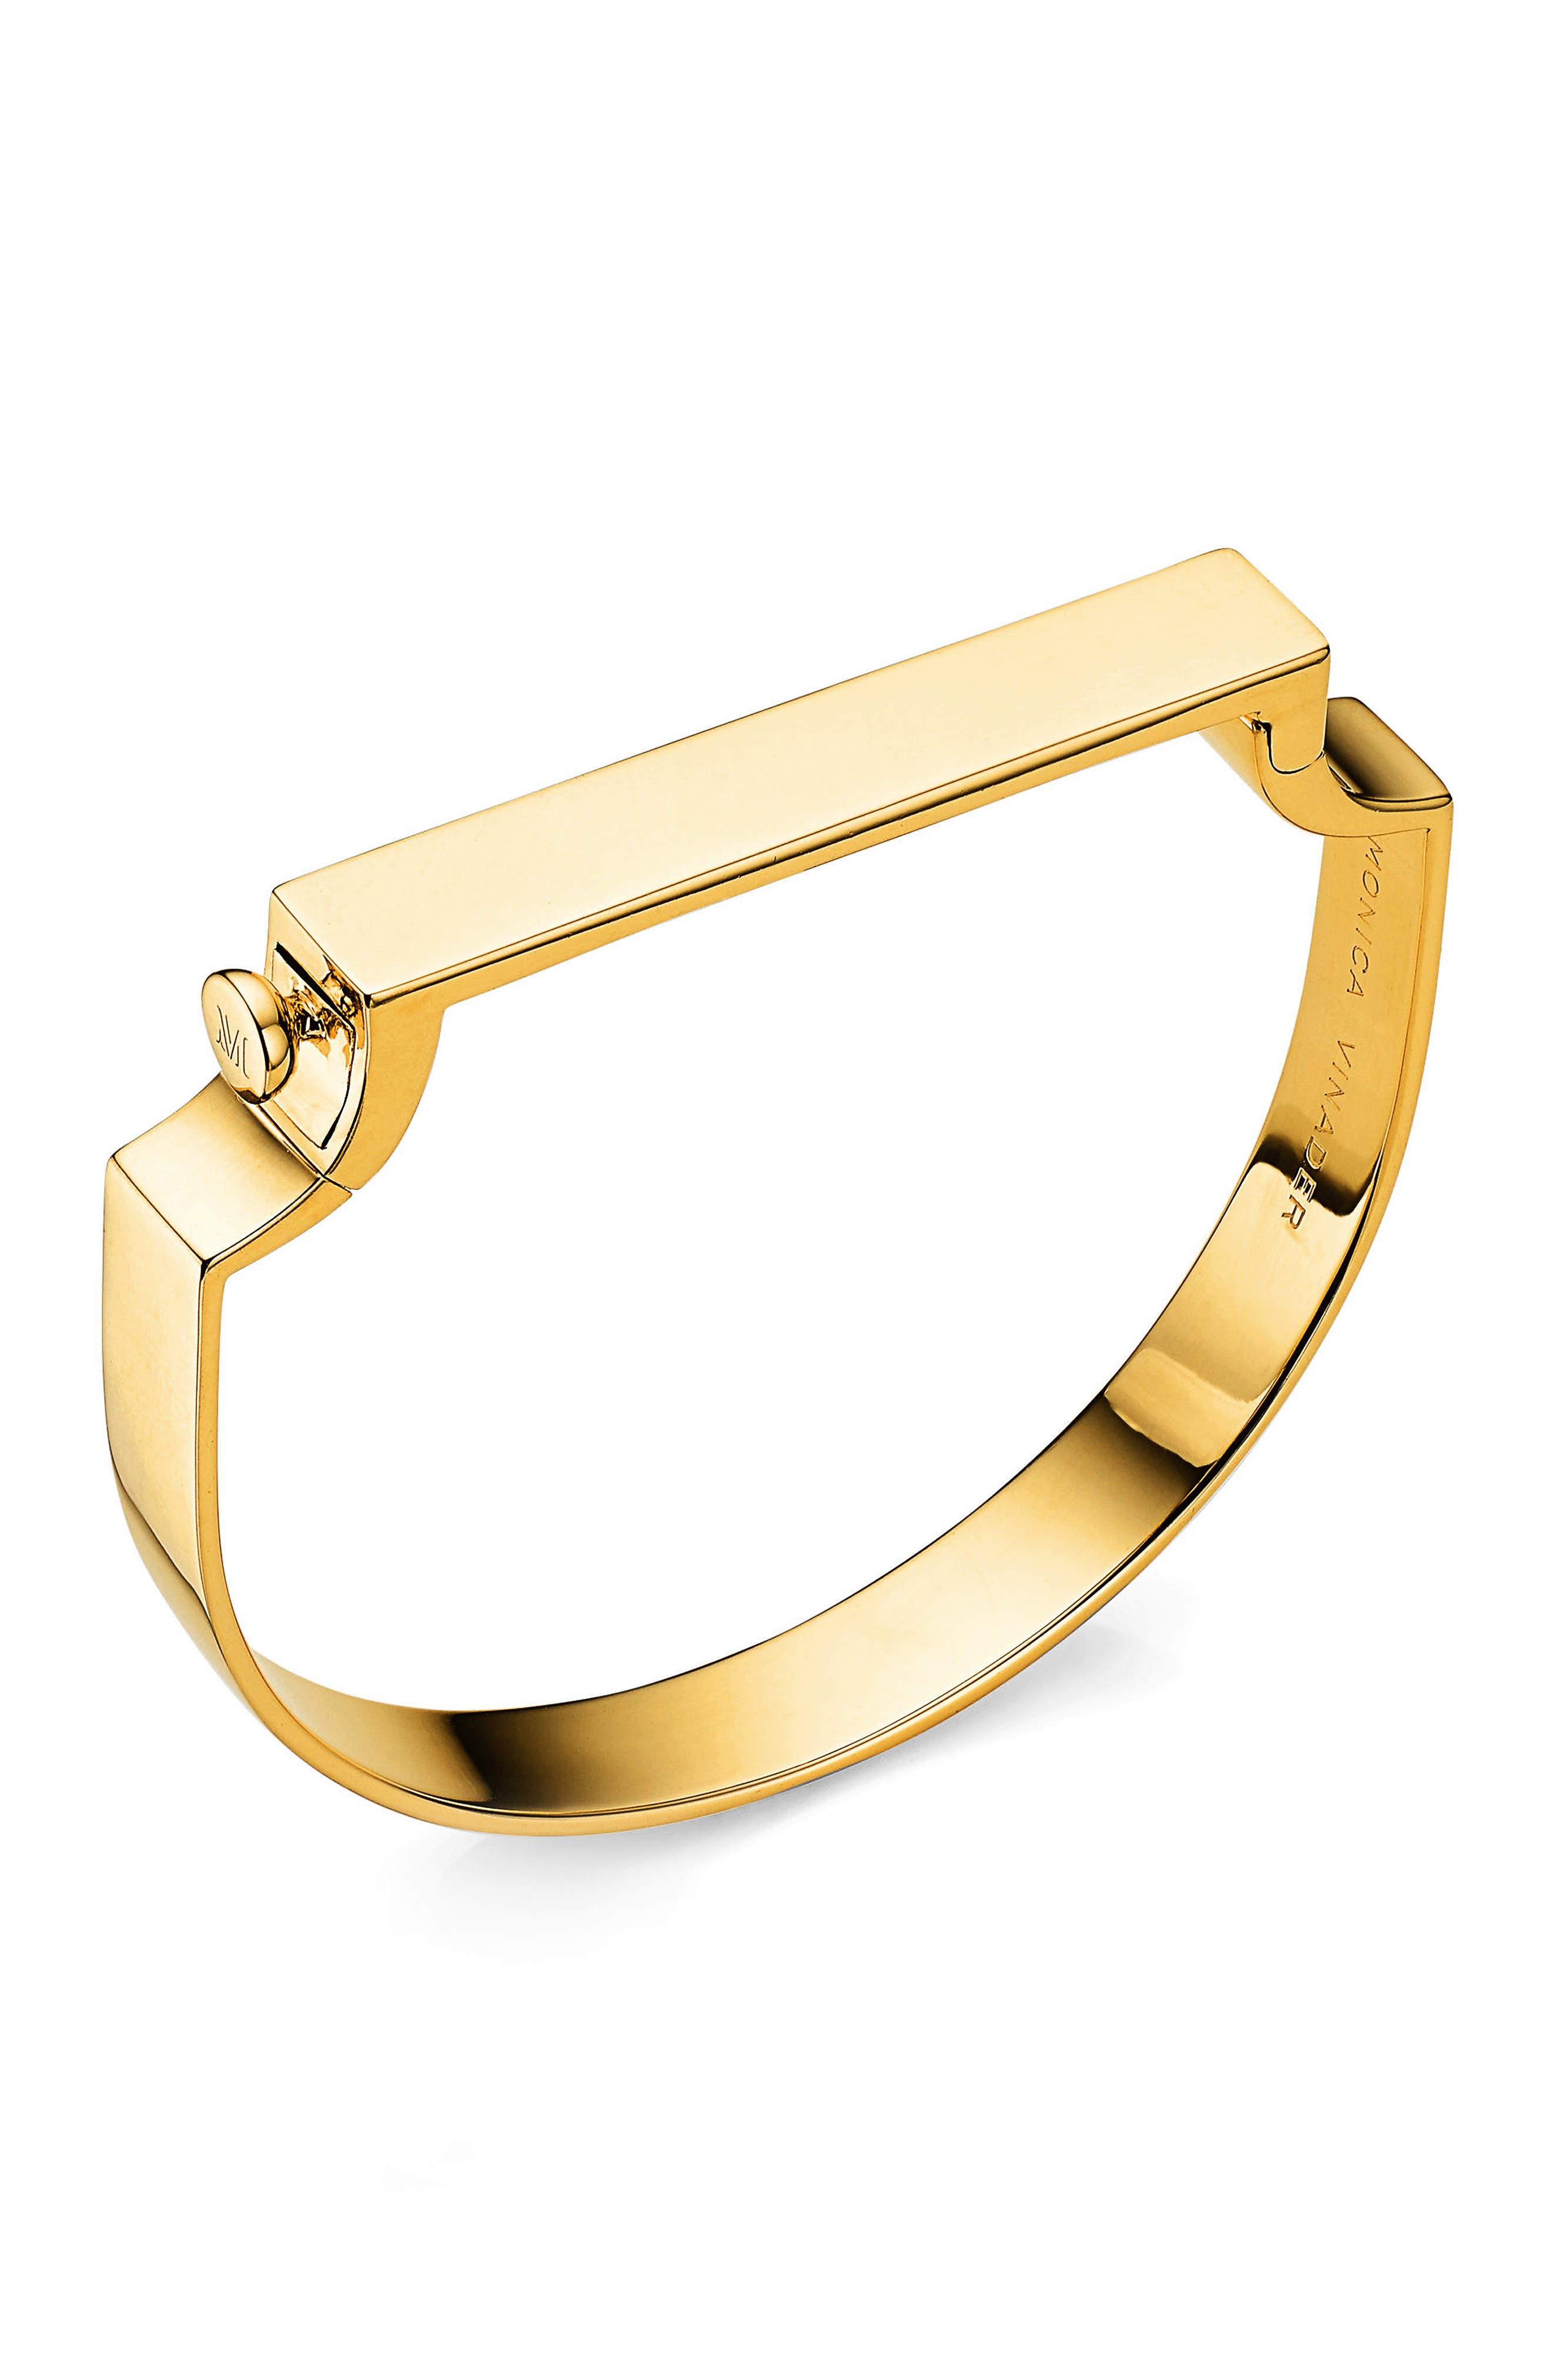 Engravable Large Signature Bracelet,                         Main,                         color, YELLOW GOLD